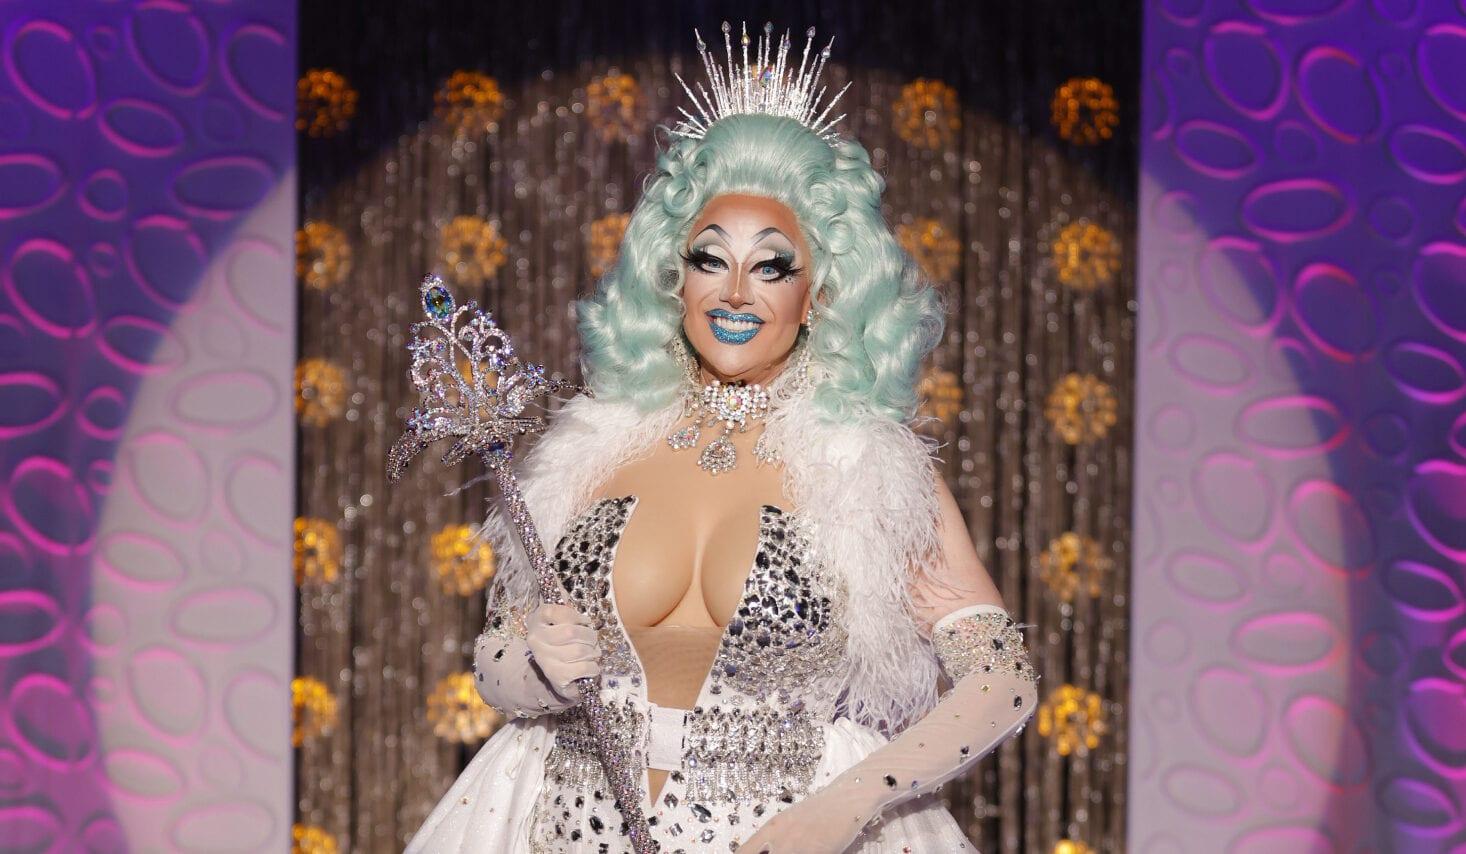 Cena de Drag Race Down Under. Nela, vemos Kita Mean, uma drag queen branca e de peruca azul claro, com peitos falsos e um vestido branco, segurando um cetro e com uma coroa na cabeça.